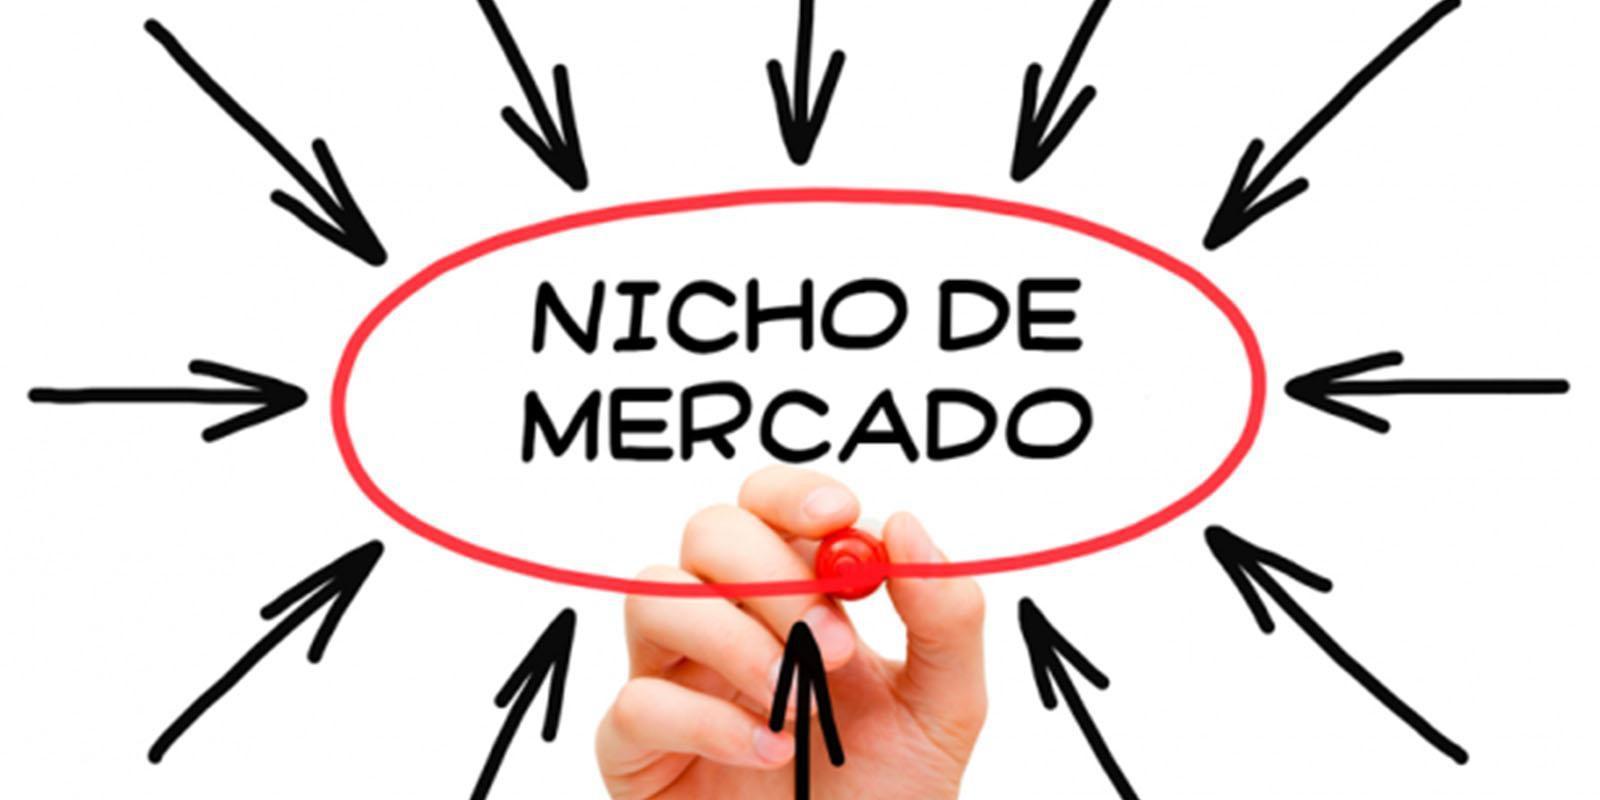 Você sabe o que é Nicho de Mercado?